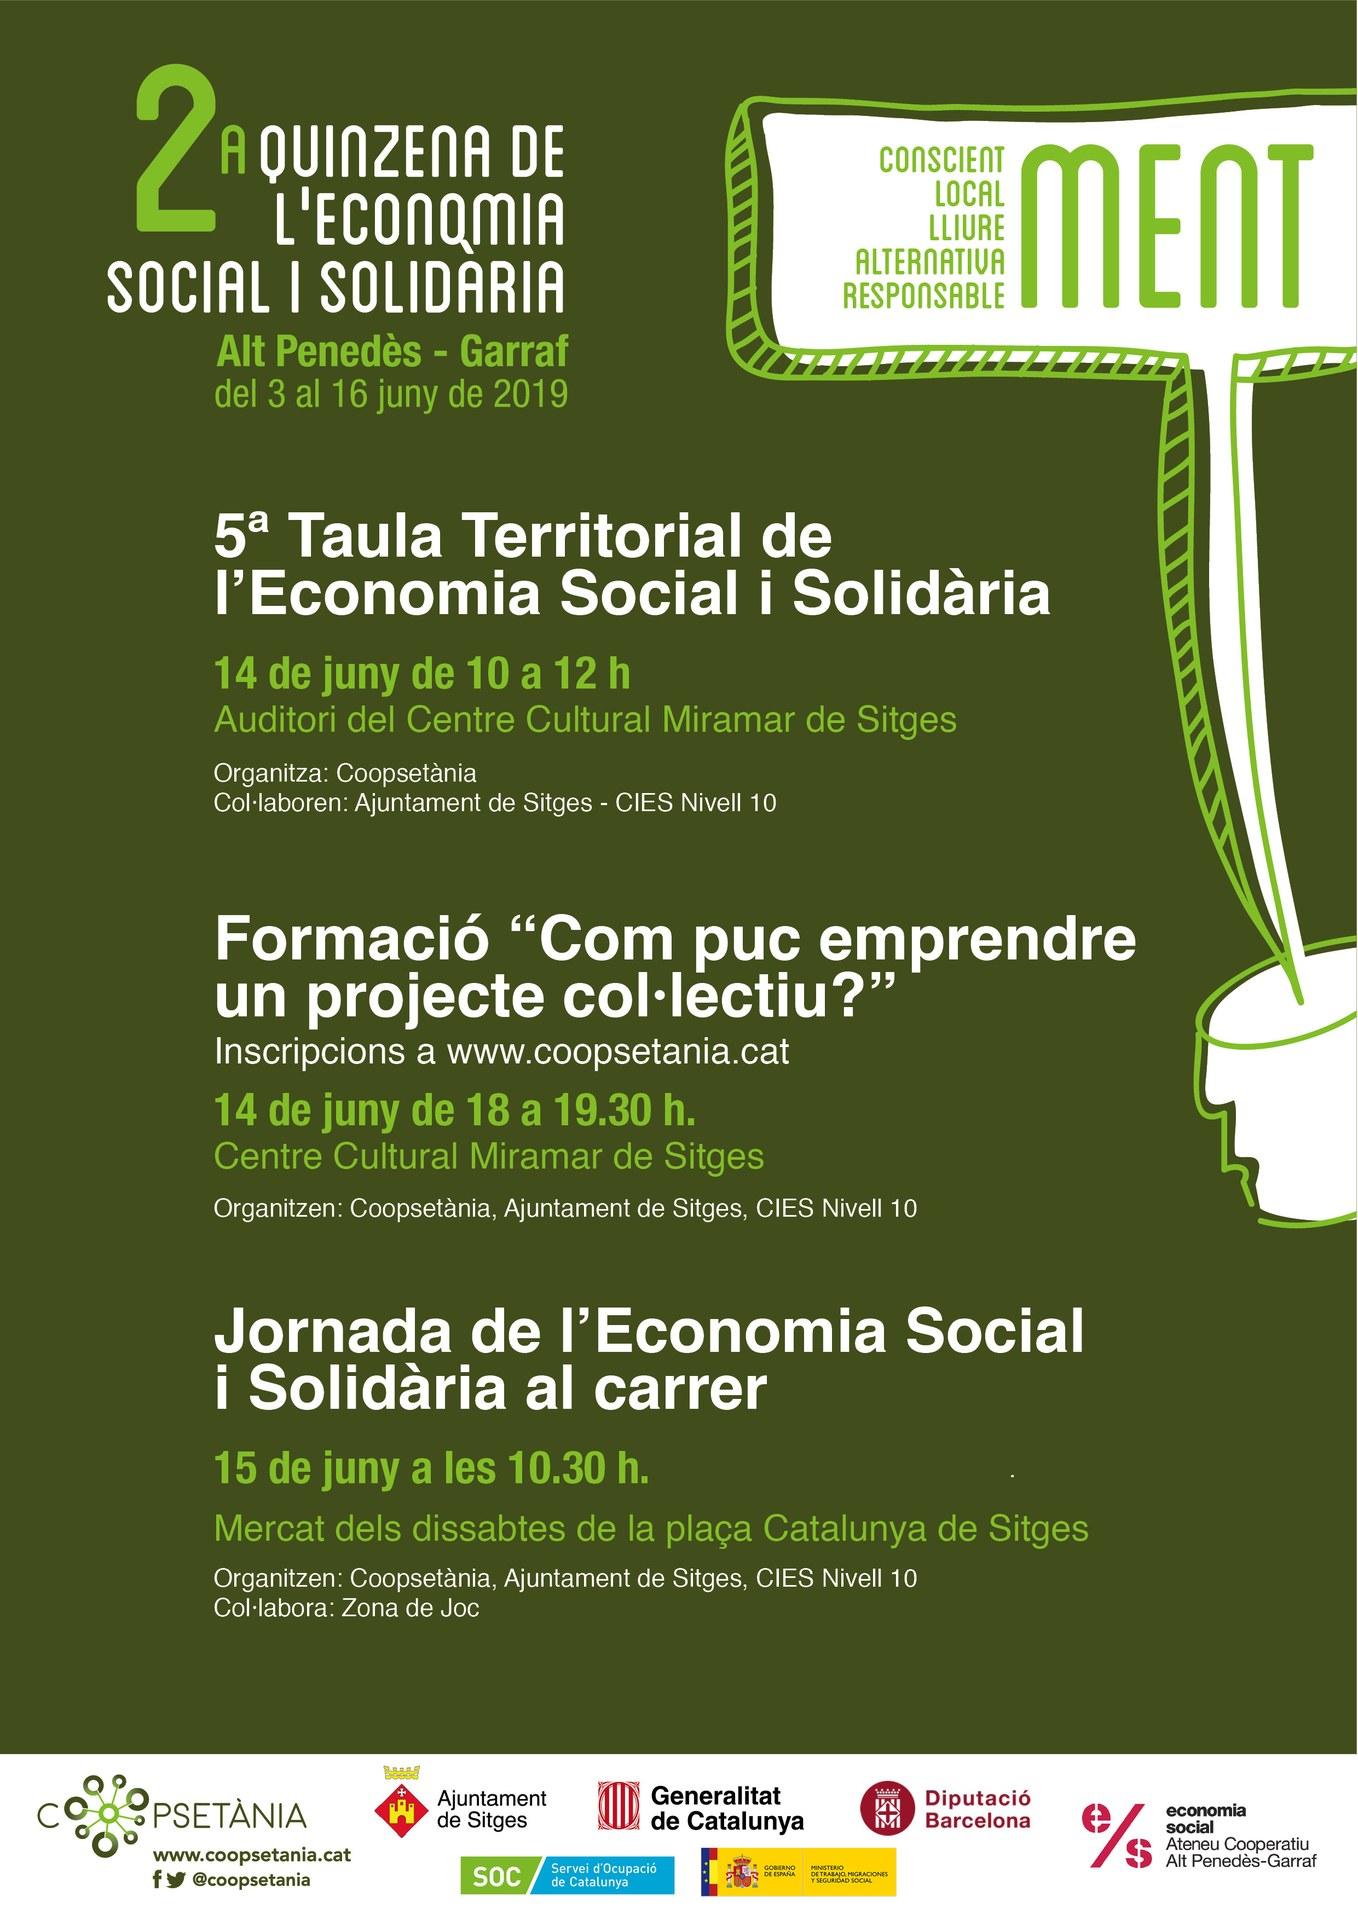 Sessió informativa: 'Cooperativisme, com emprendre un projecte Col·lectiu' / 2a Quinzena d'Economia Social i Solidària